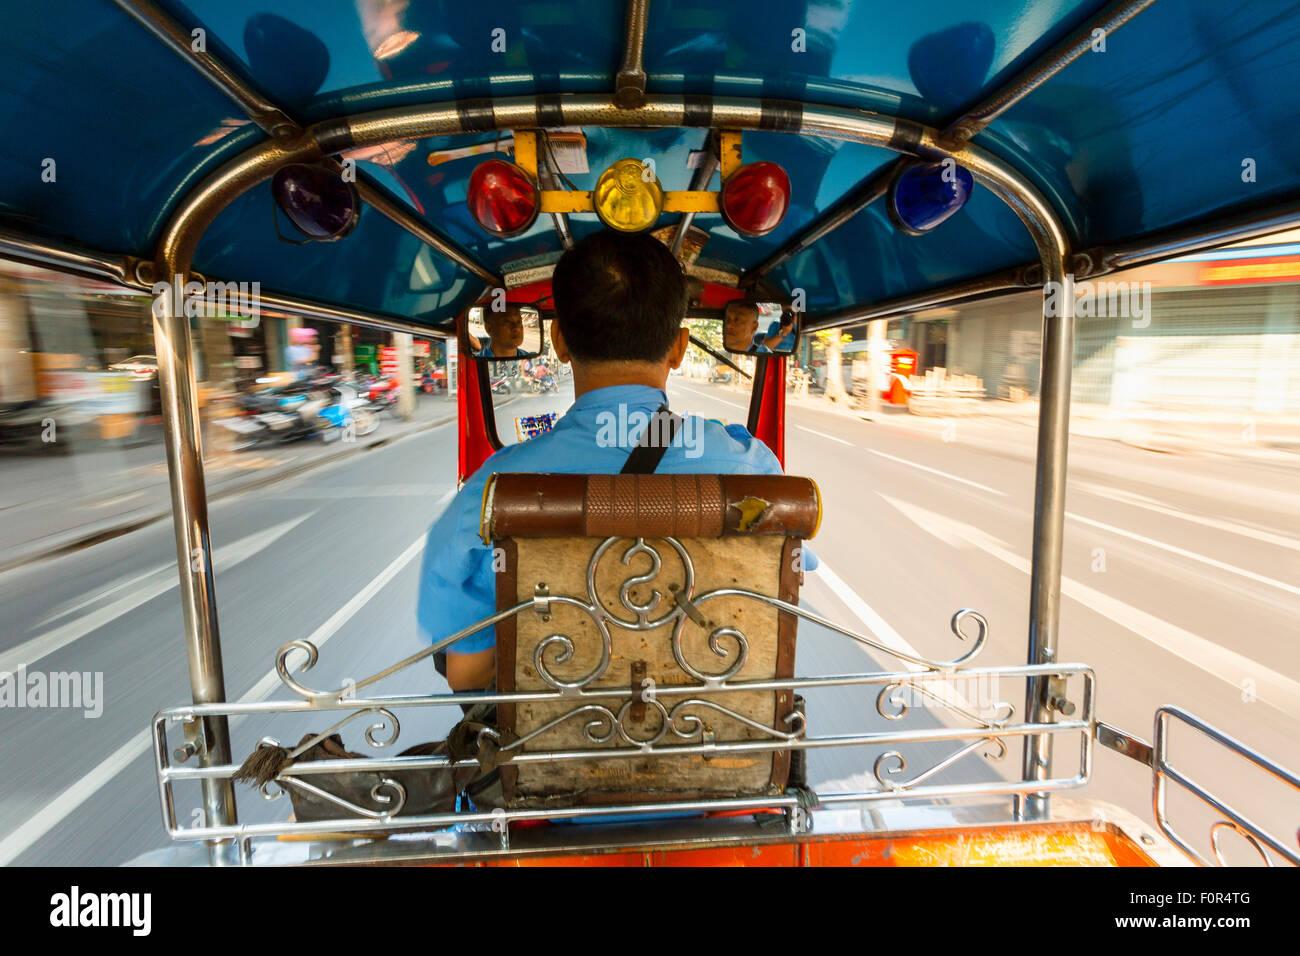 Tailandia, Bangkok, tuk-tuk de taxi Imagen De Stock